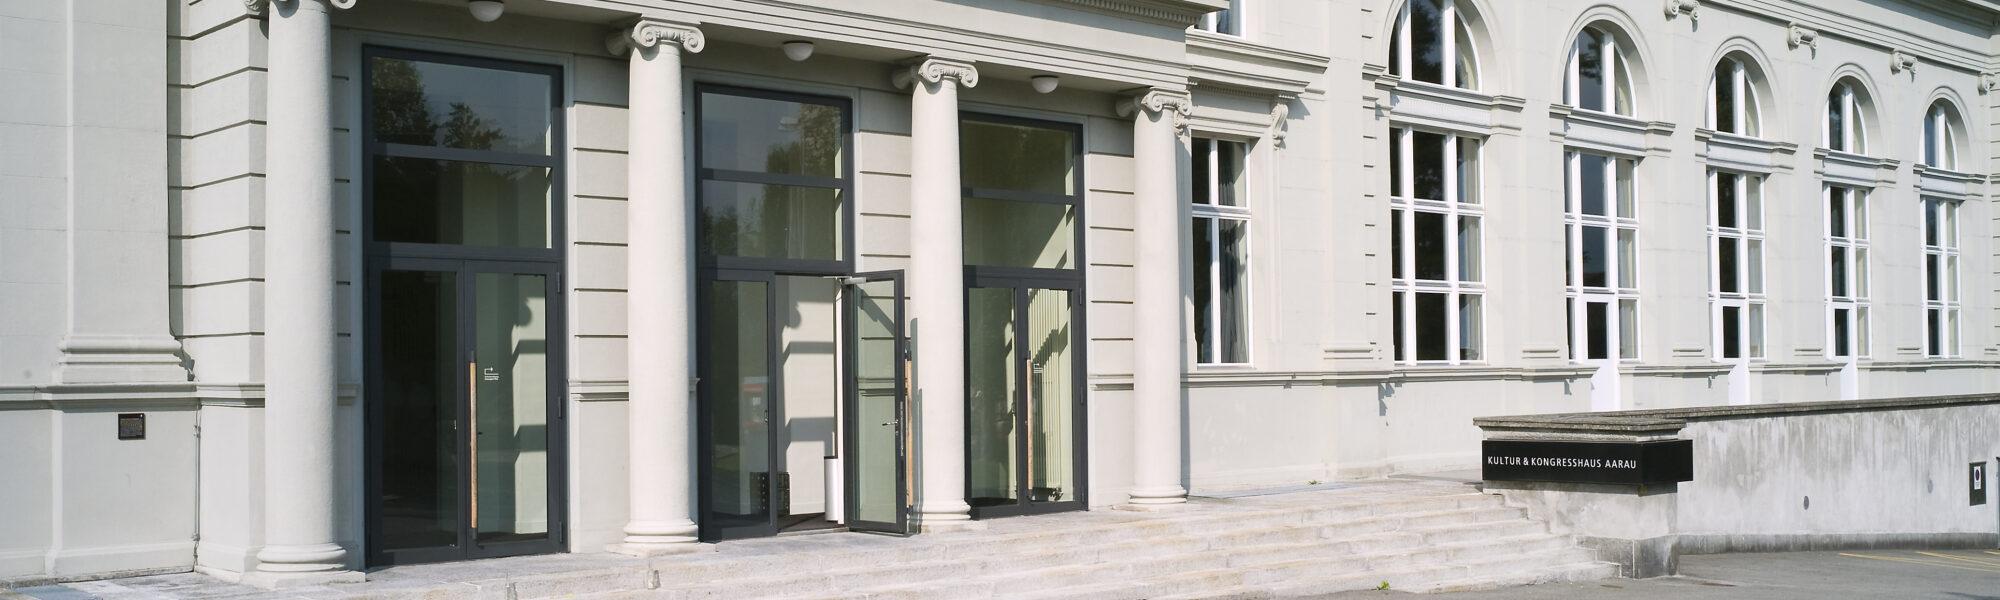 Kultur & Kongresshaus KUK